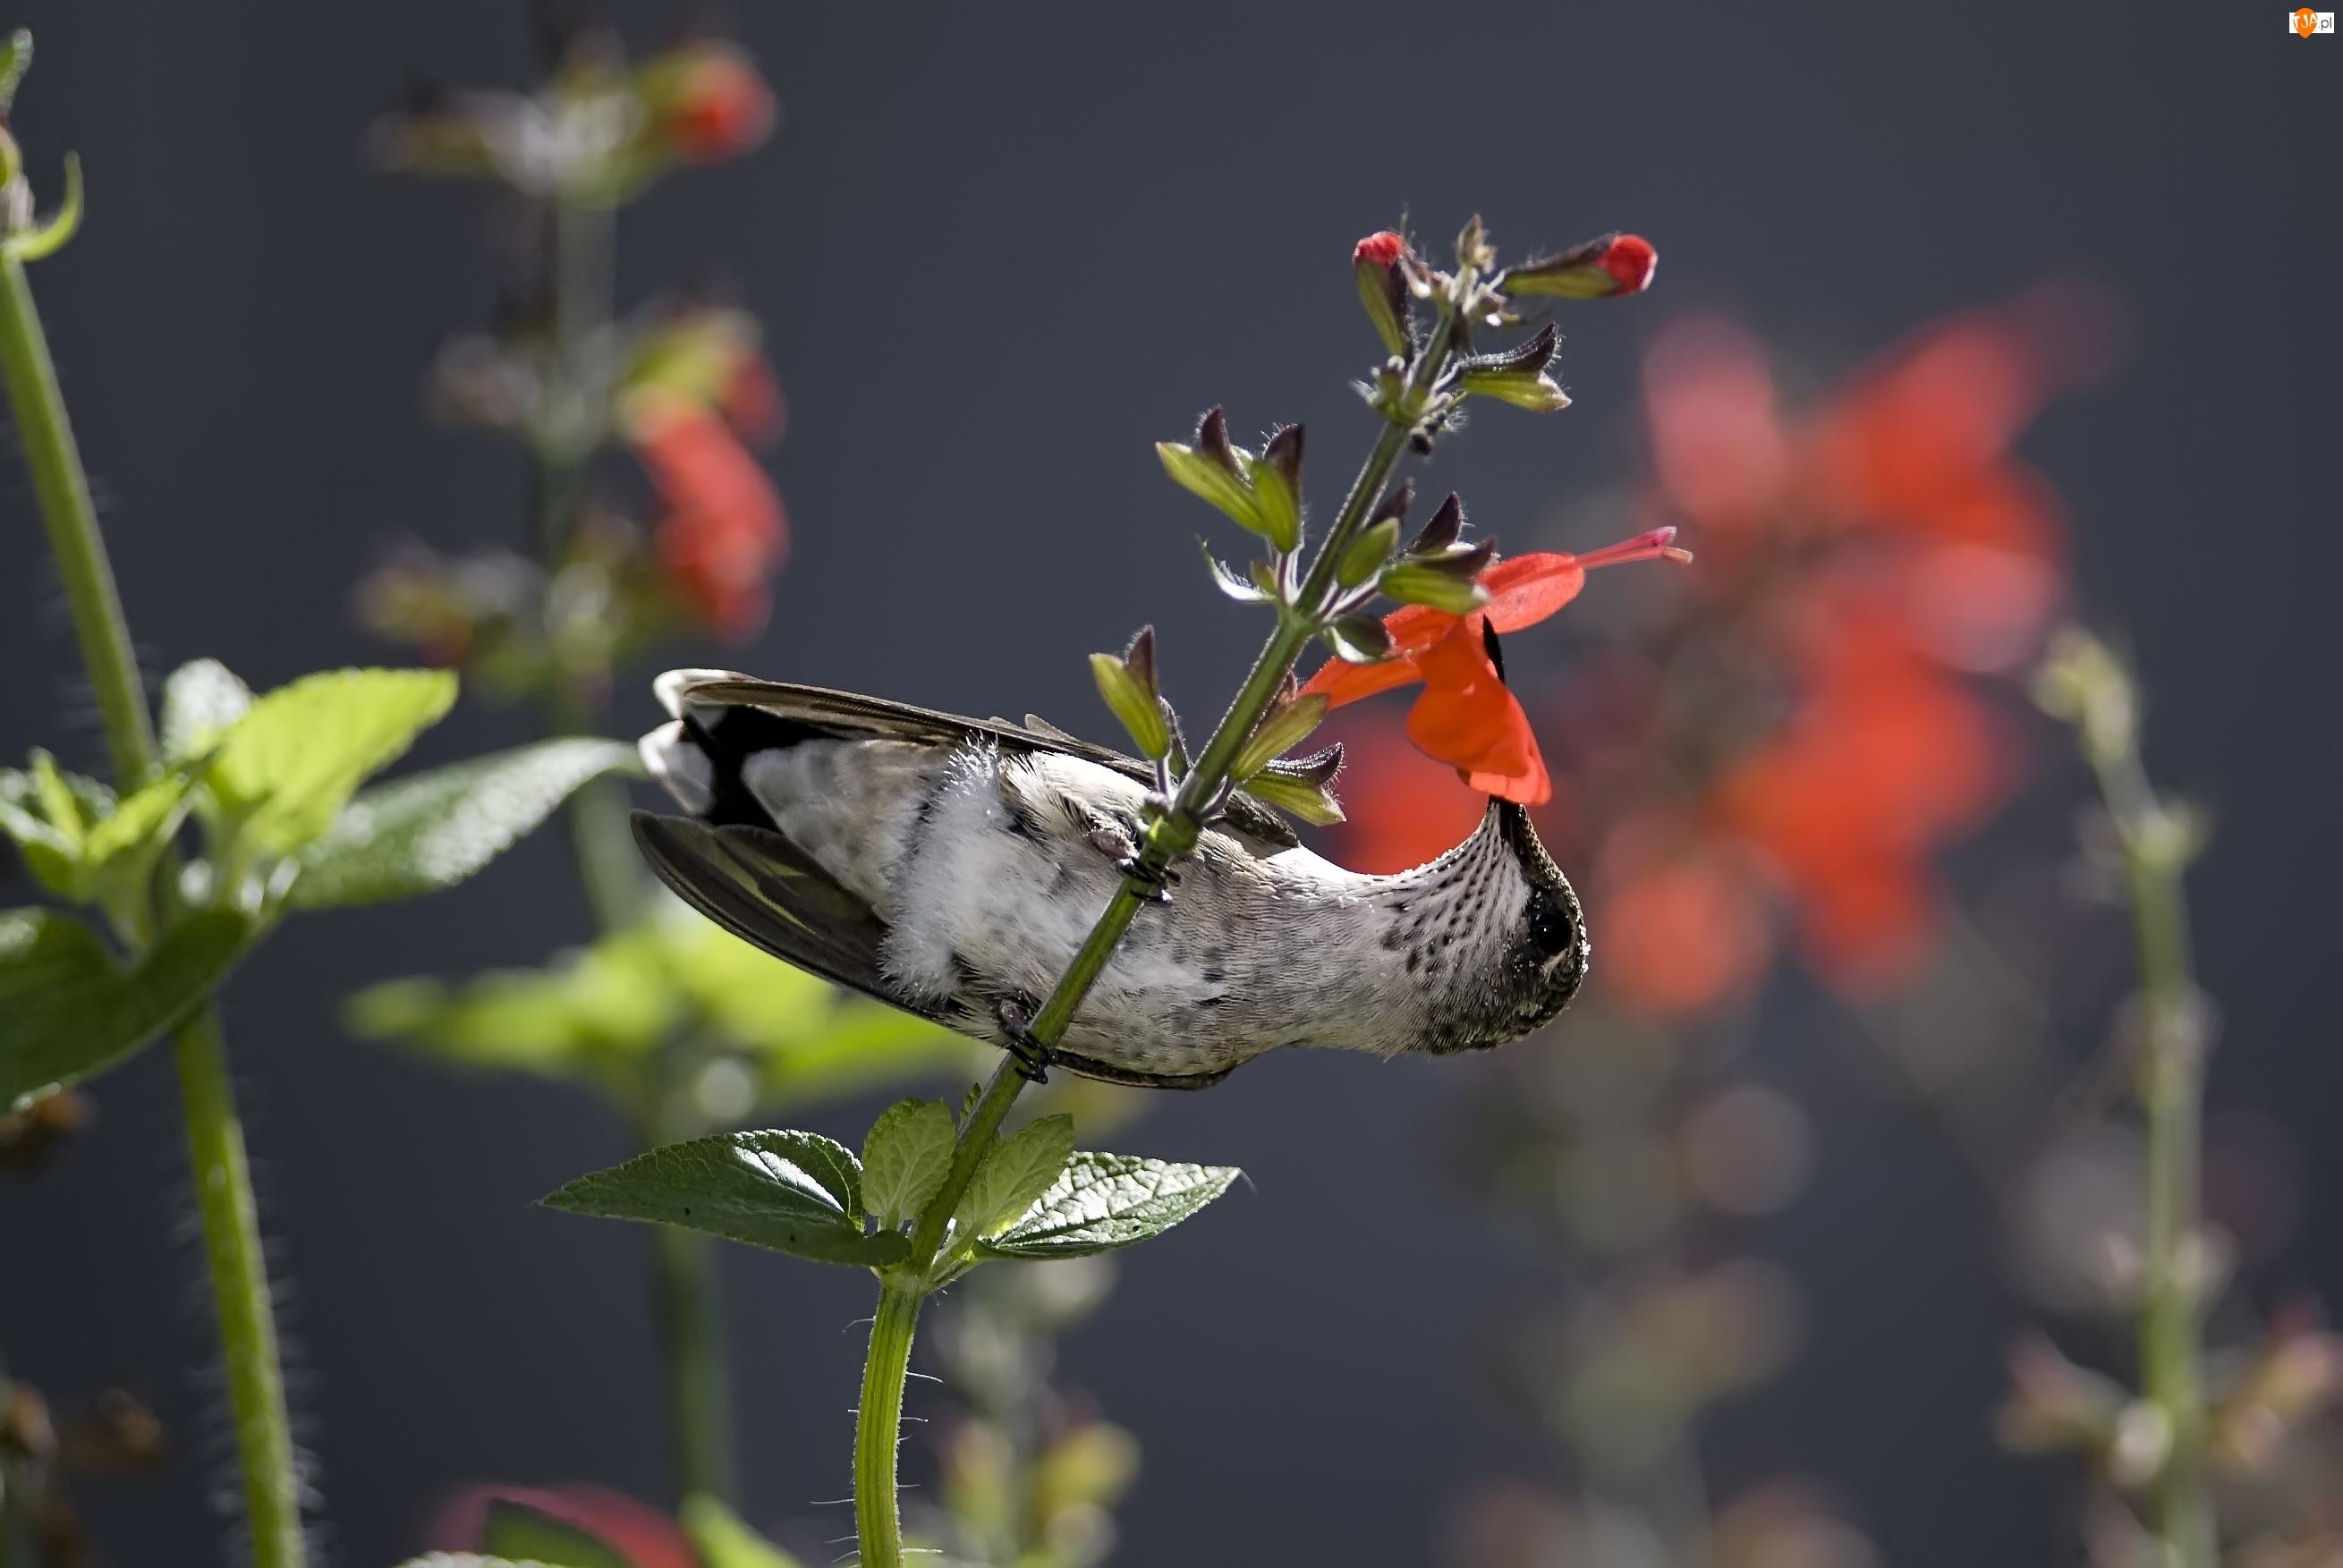 Koliber, Kwiaty, Ptak, Gałązka